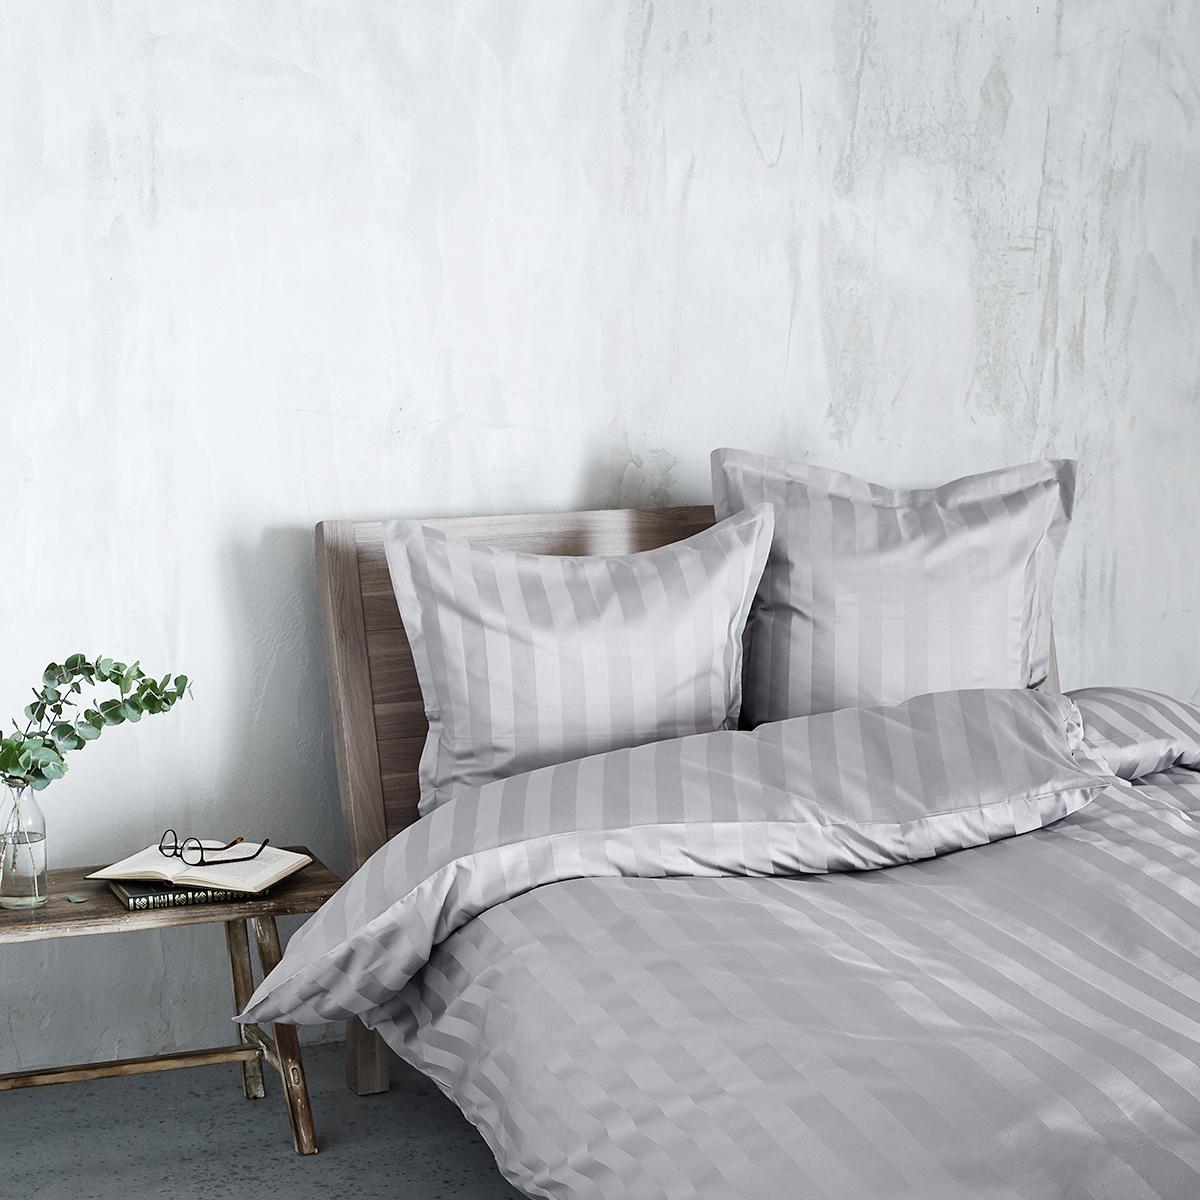 Billede af Georg Jensen Damask sengetøj - Vertical - Grå